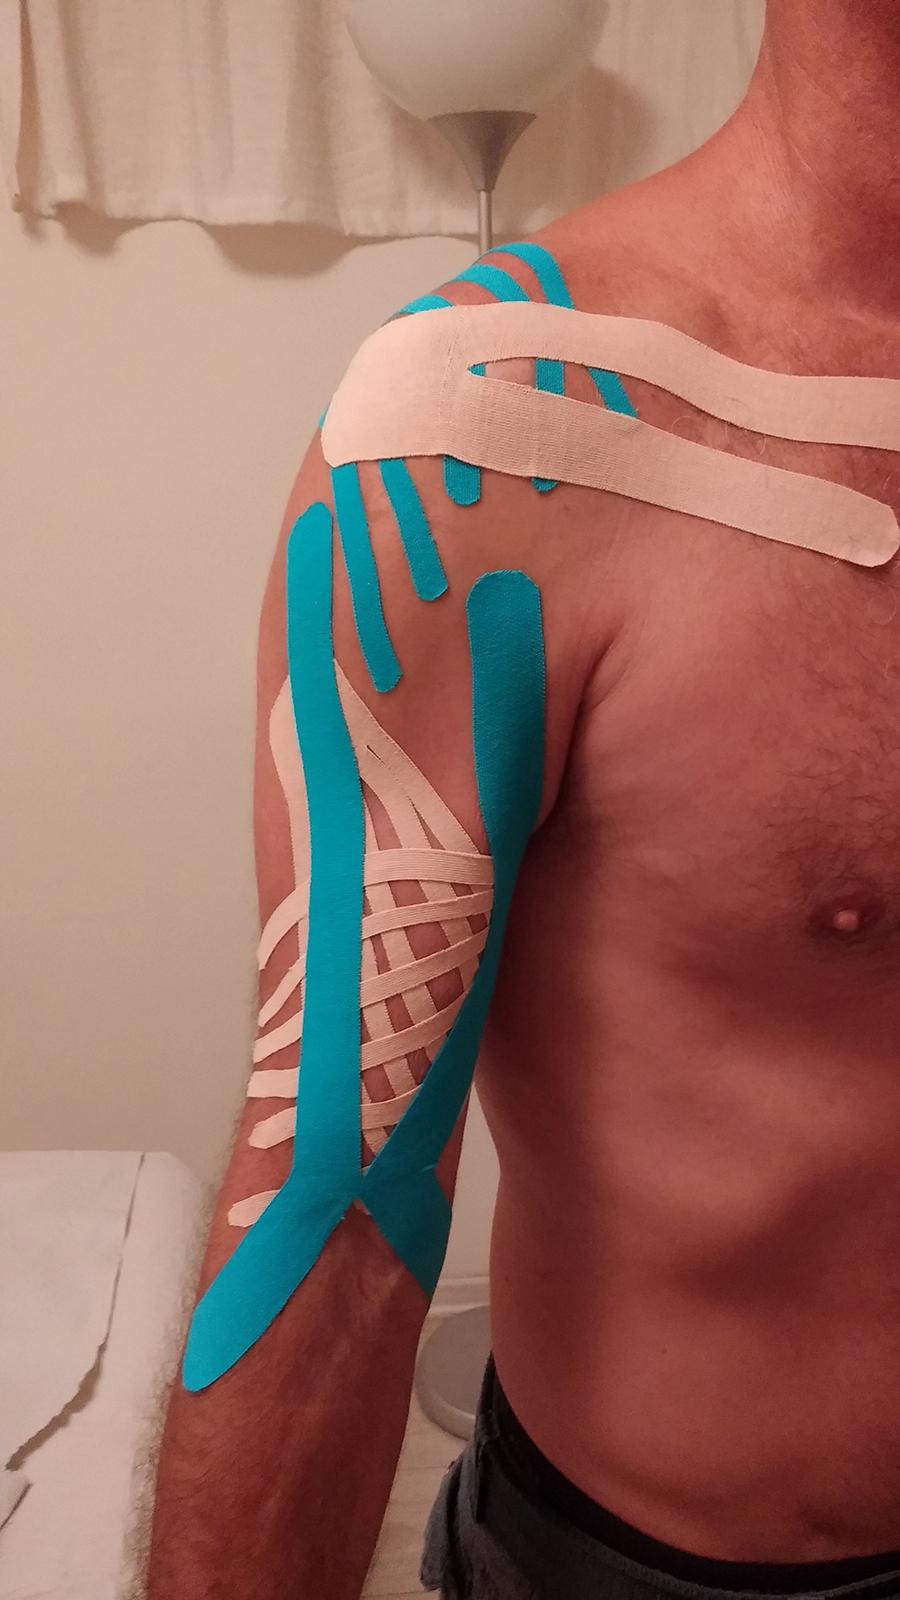 טיפול קינזיוטייפינג לקרע בשריר הדו-ראשי של היד (בייספס)